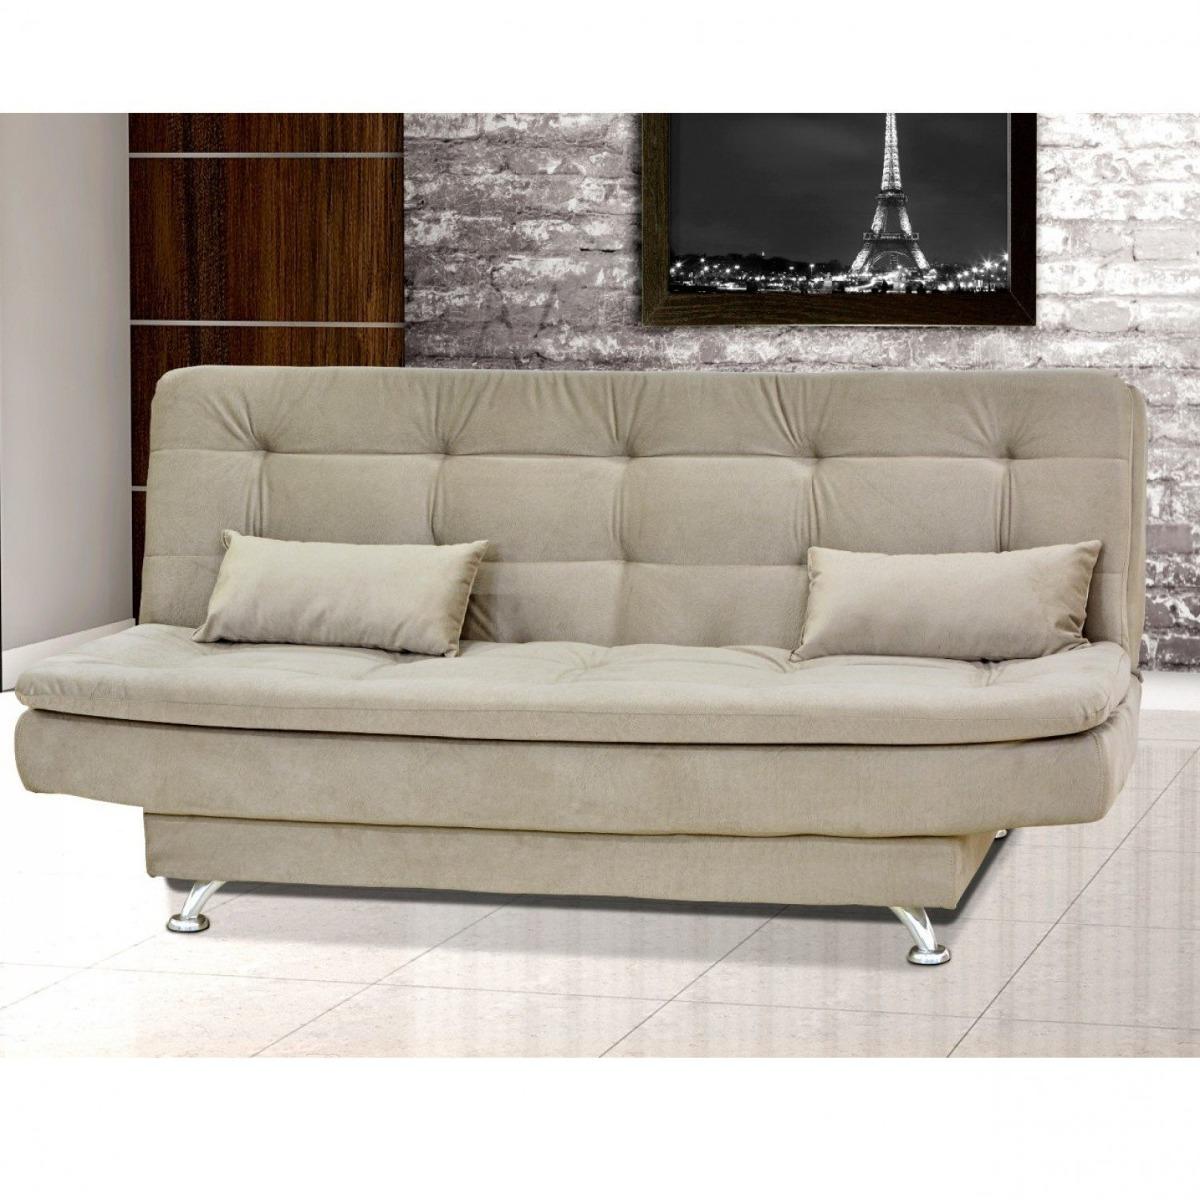 e2052ad4f sofá cama 3 lugares com 2 almofadas salomé matrix jh. Carregando zoom.